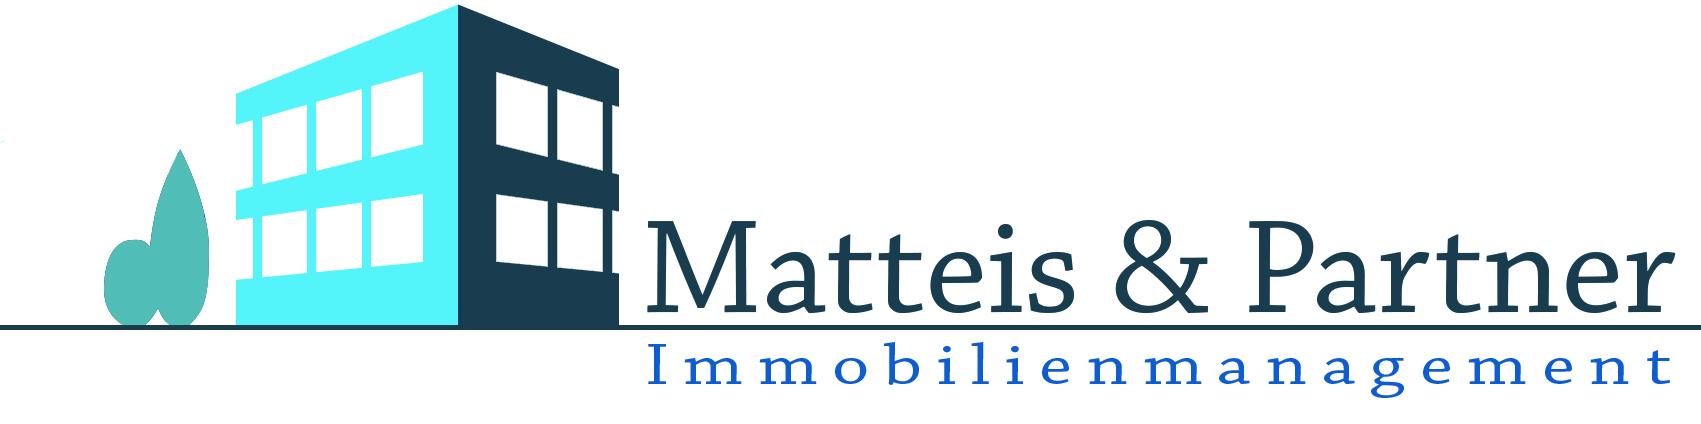 Matteis & Partner Immobilienmanagement